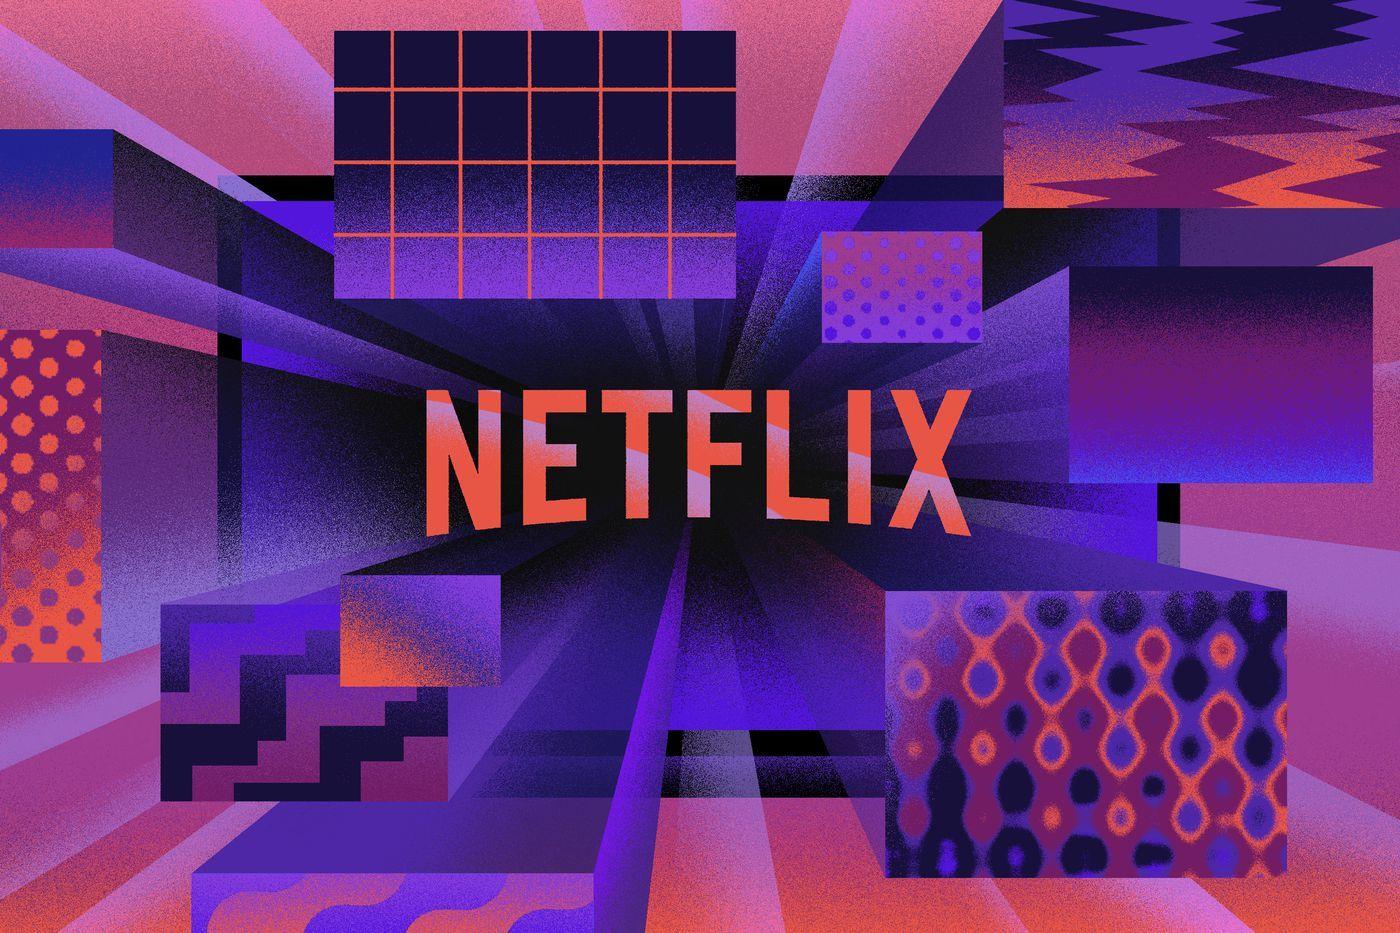 los 10 programas de television mas populares de netflix en este momento